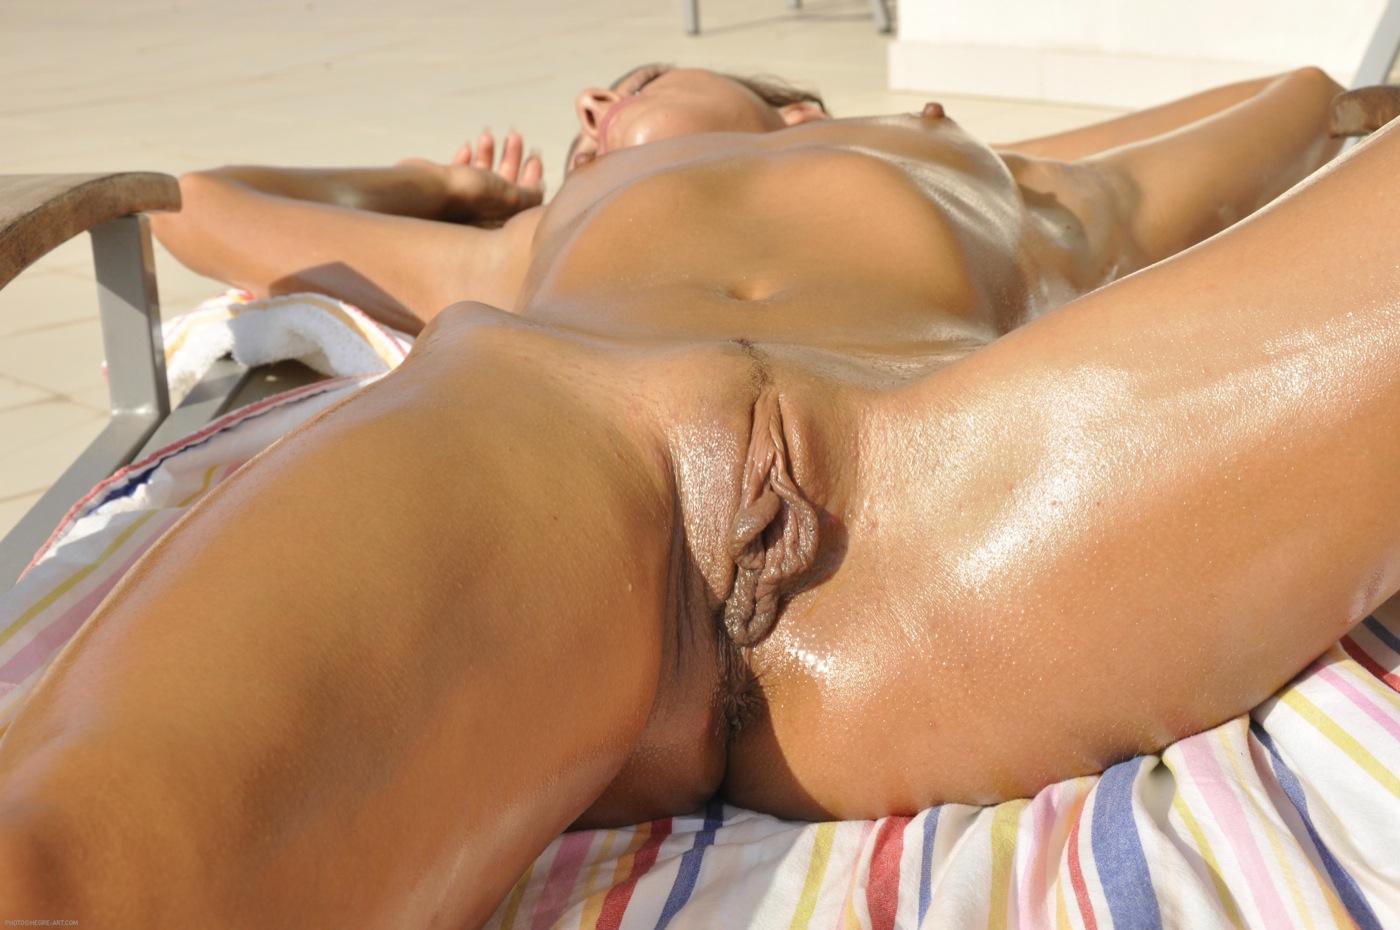 С раздвинутыми губками, Потрясающая девчонка раздвигает половые губки 3 фотография